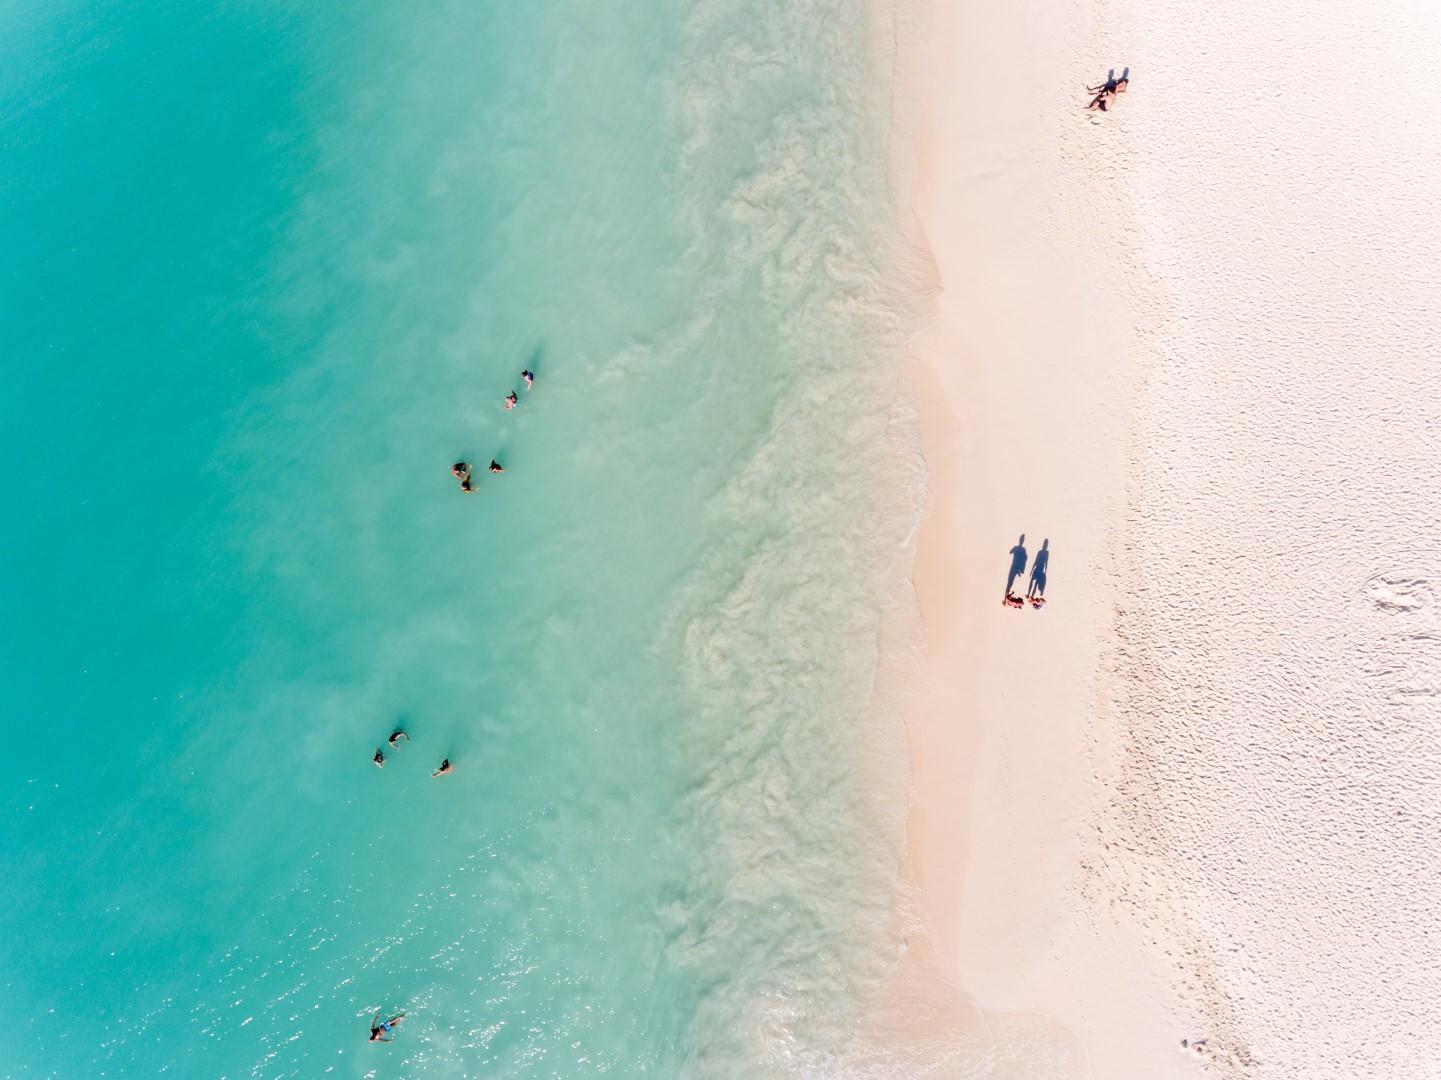 Natale ai Caraibi? Ad Aruba, l'Isola Felice